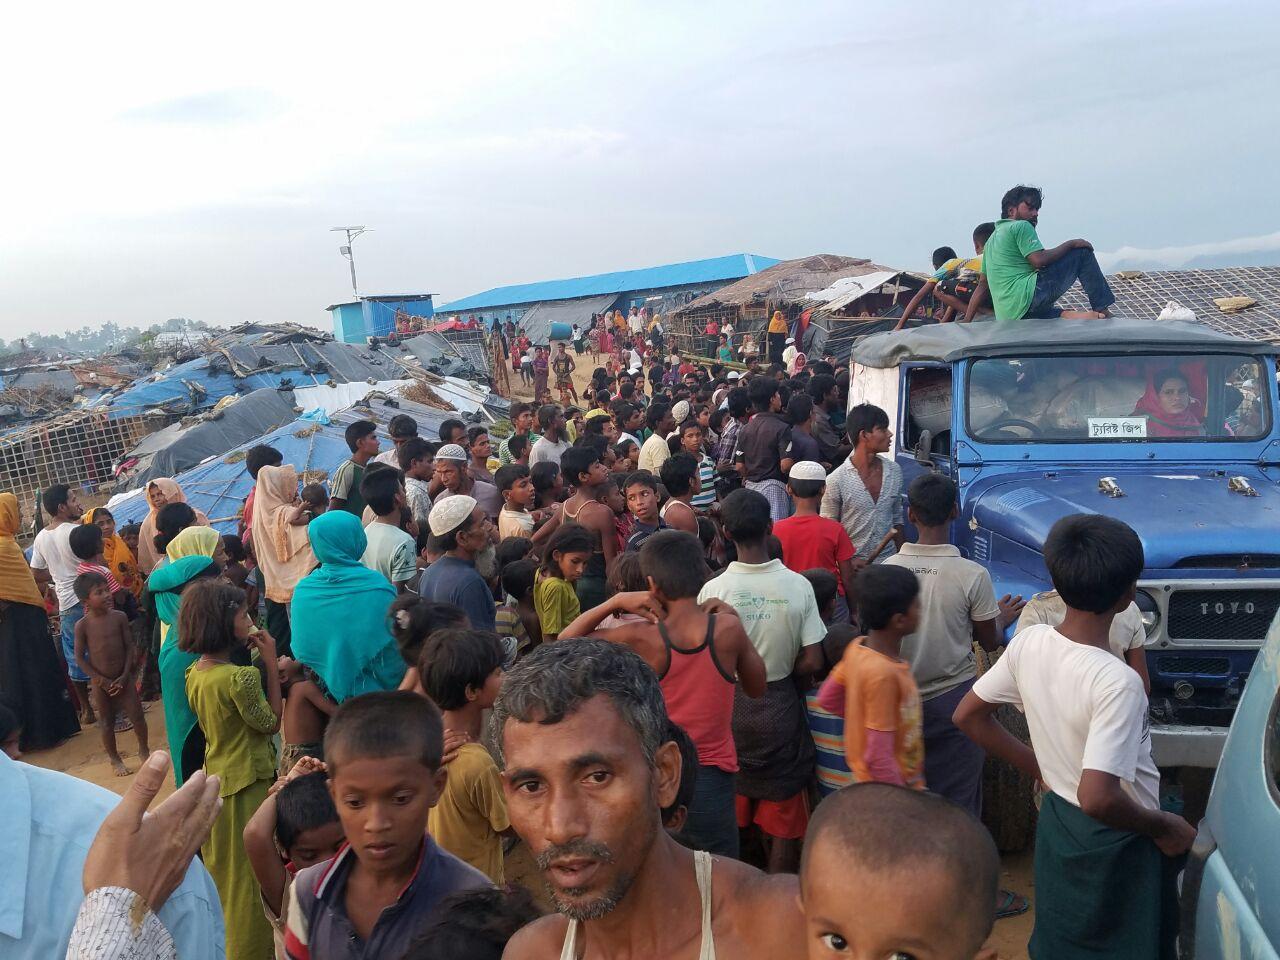 Bantuan Kemanusiaan Indonesia untuk Rohingya Mulai Didistribusikan